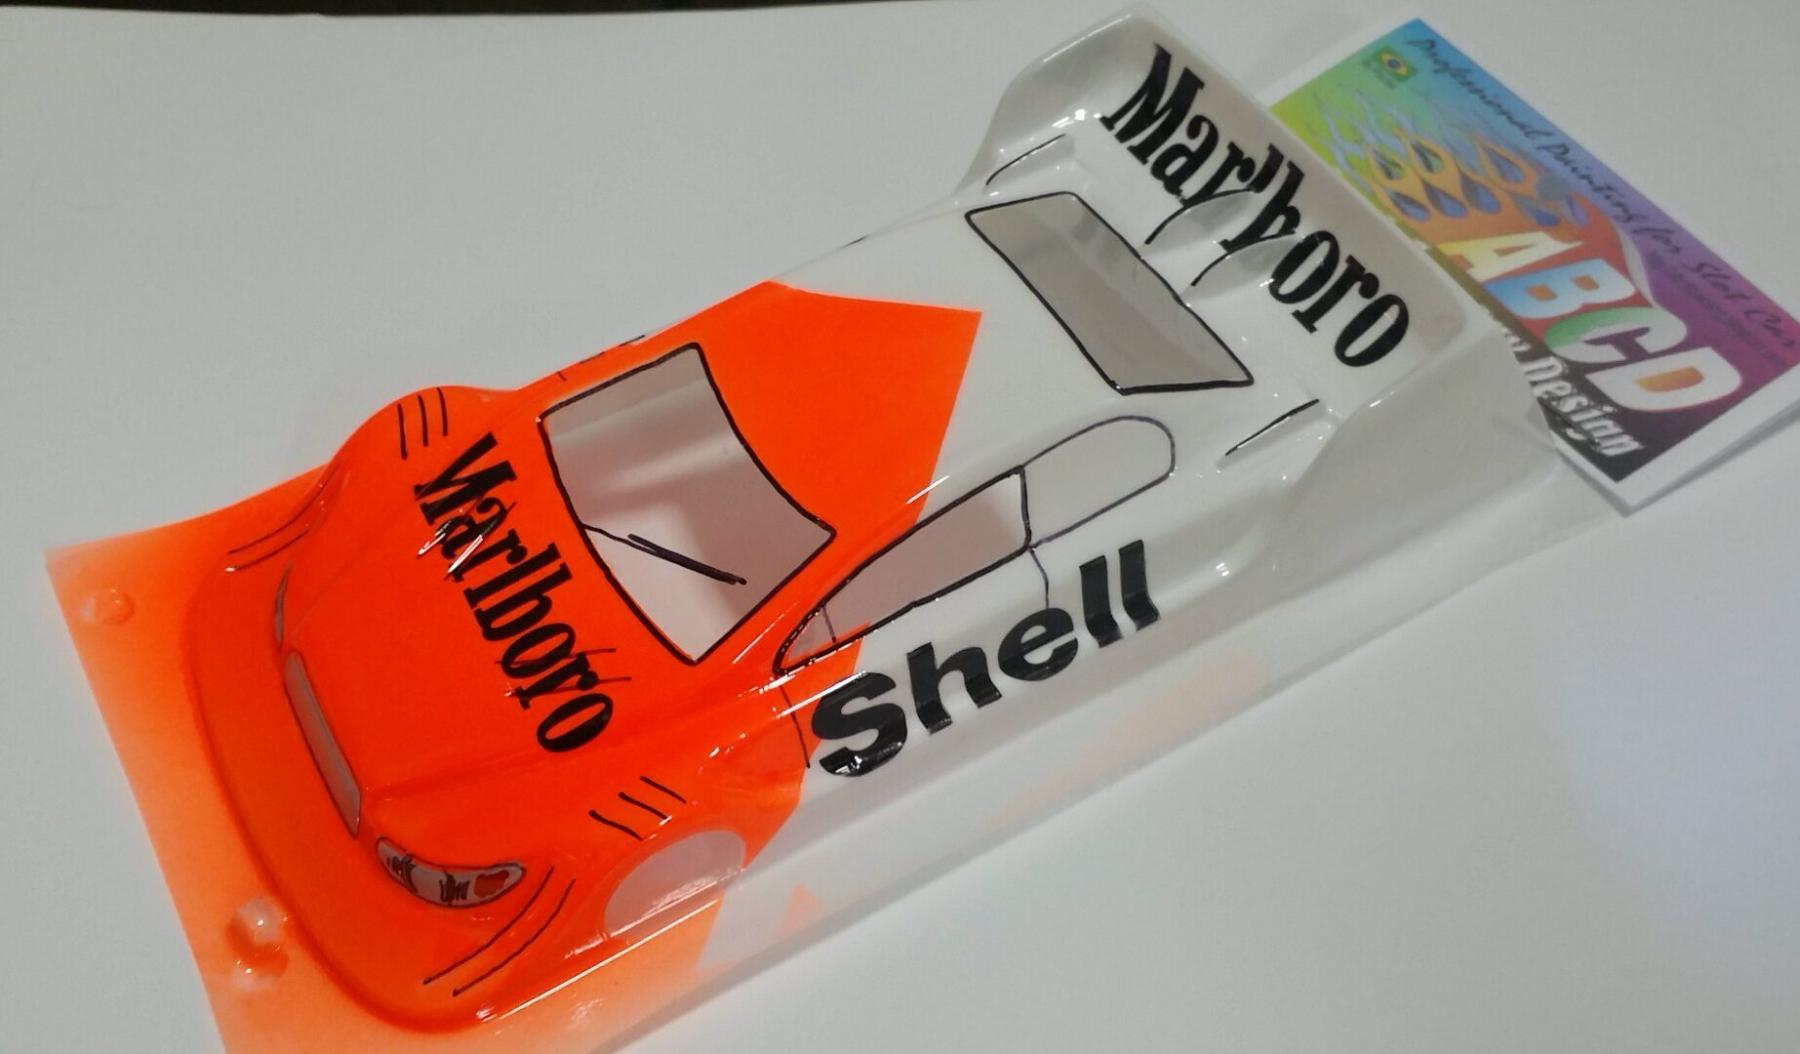 Marlboro Shell.jpg